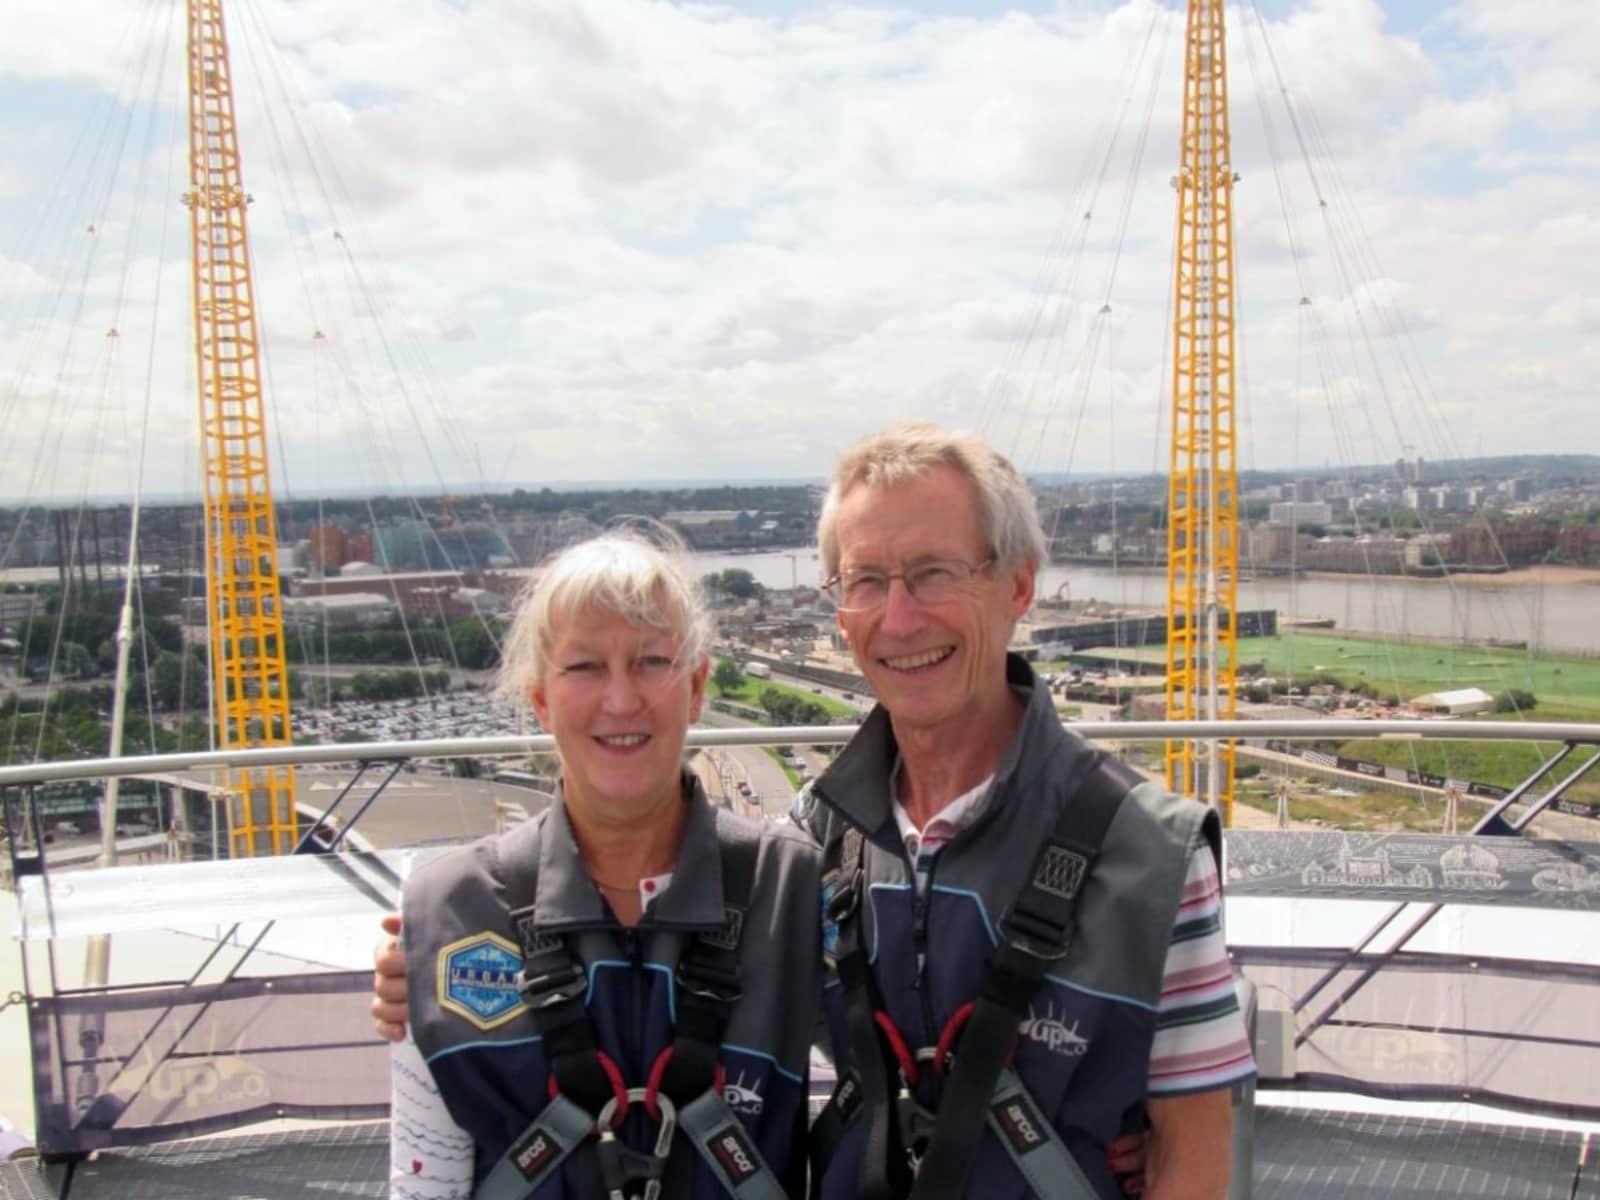 Brian & Alyxandra from Camberley, United Kingdom